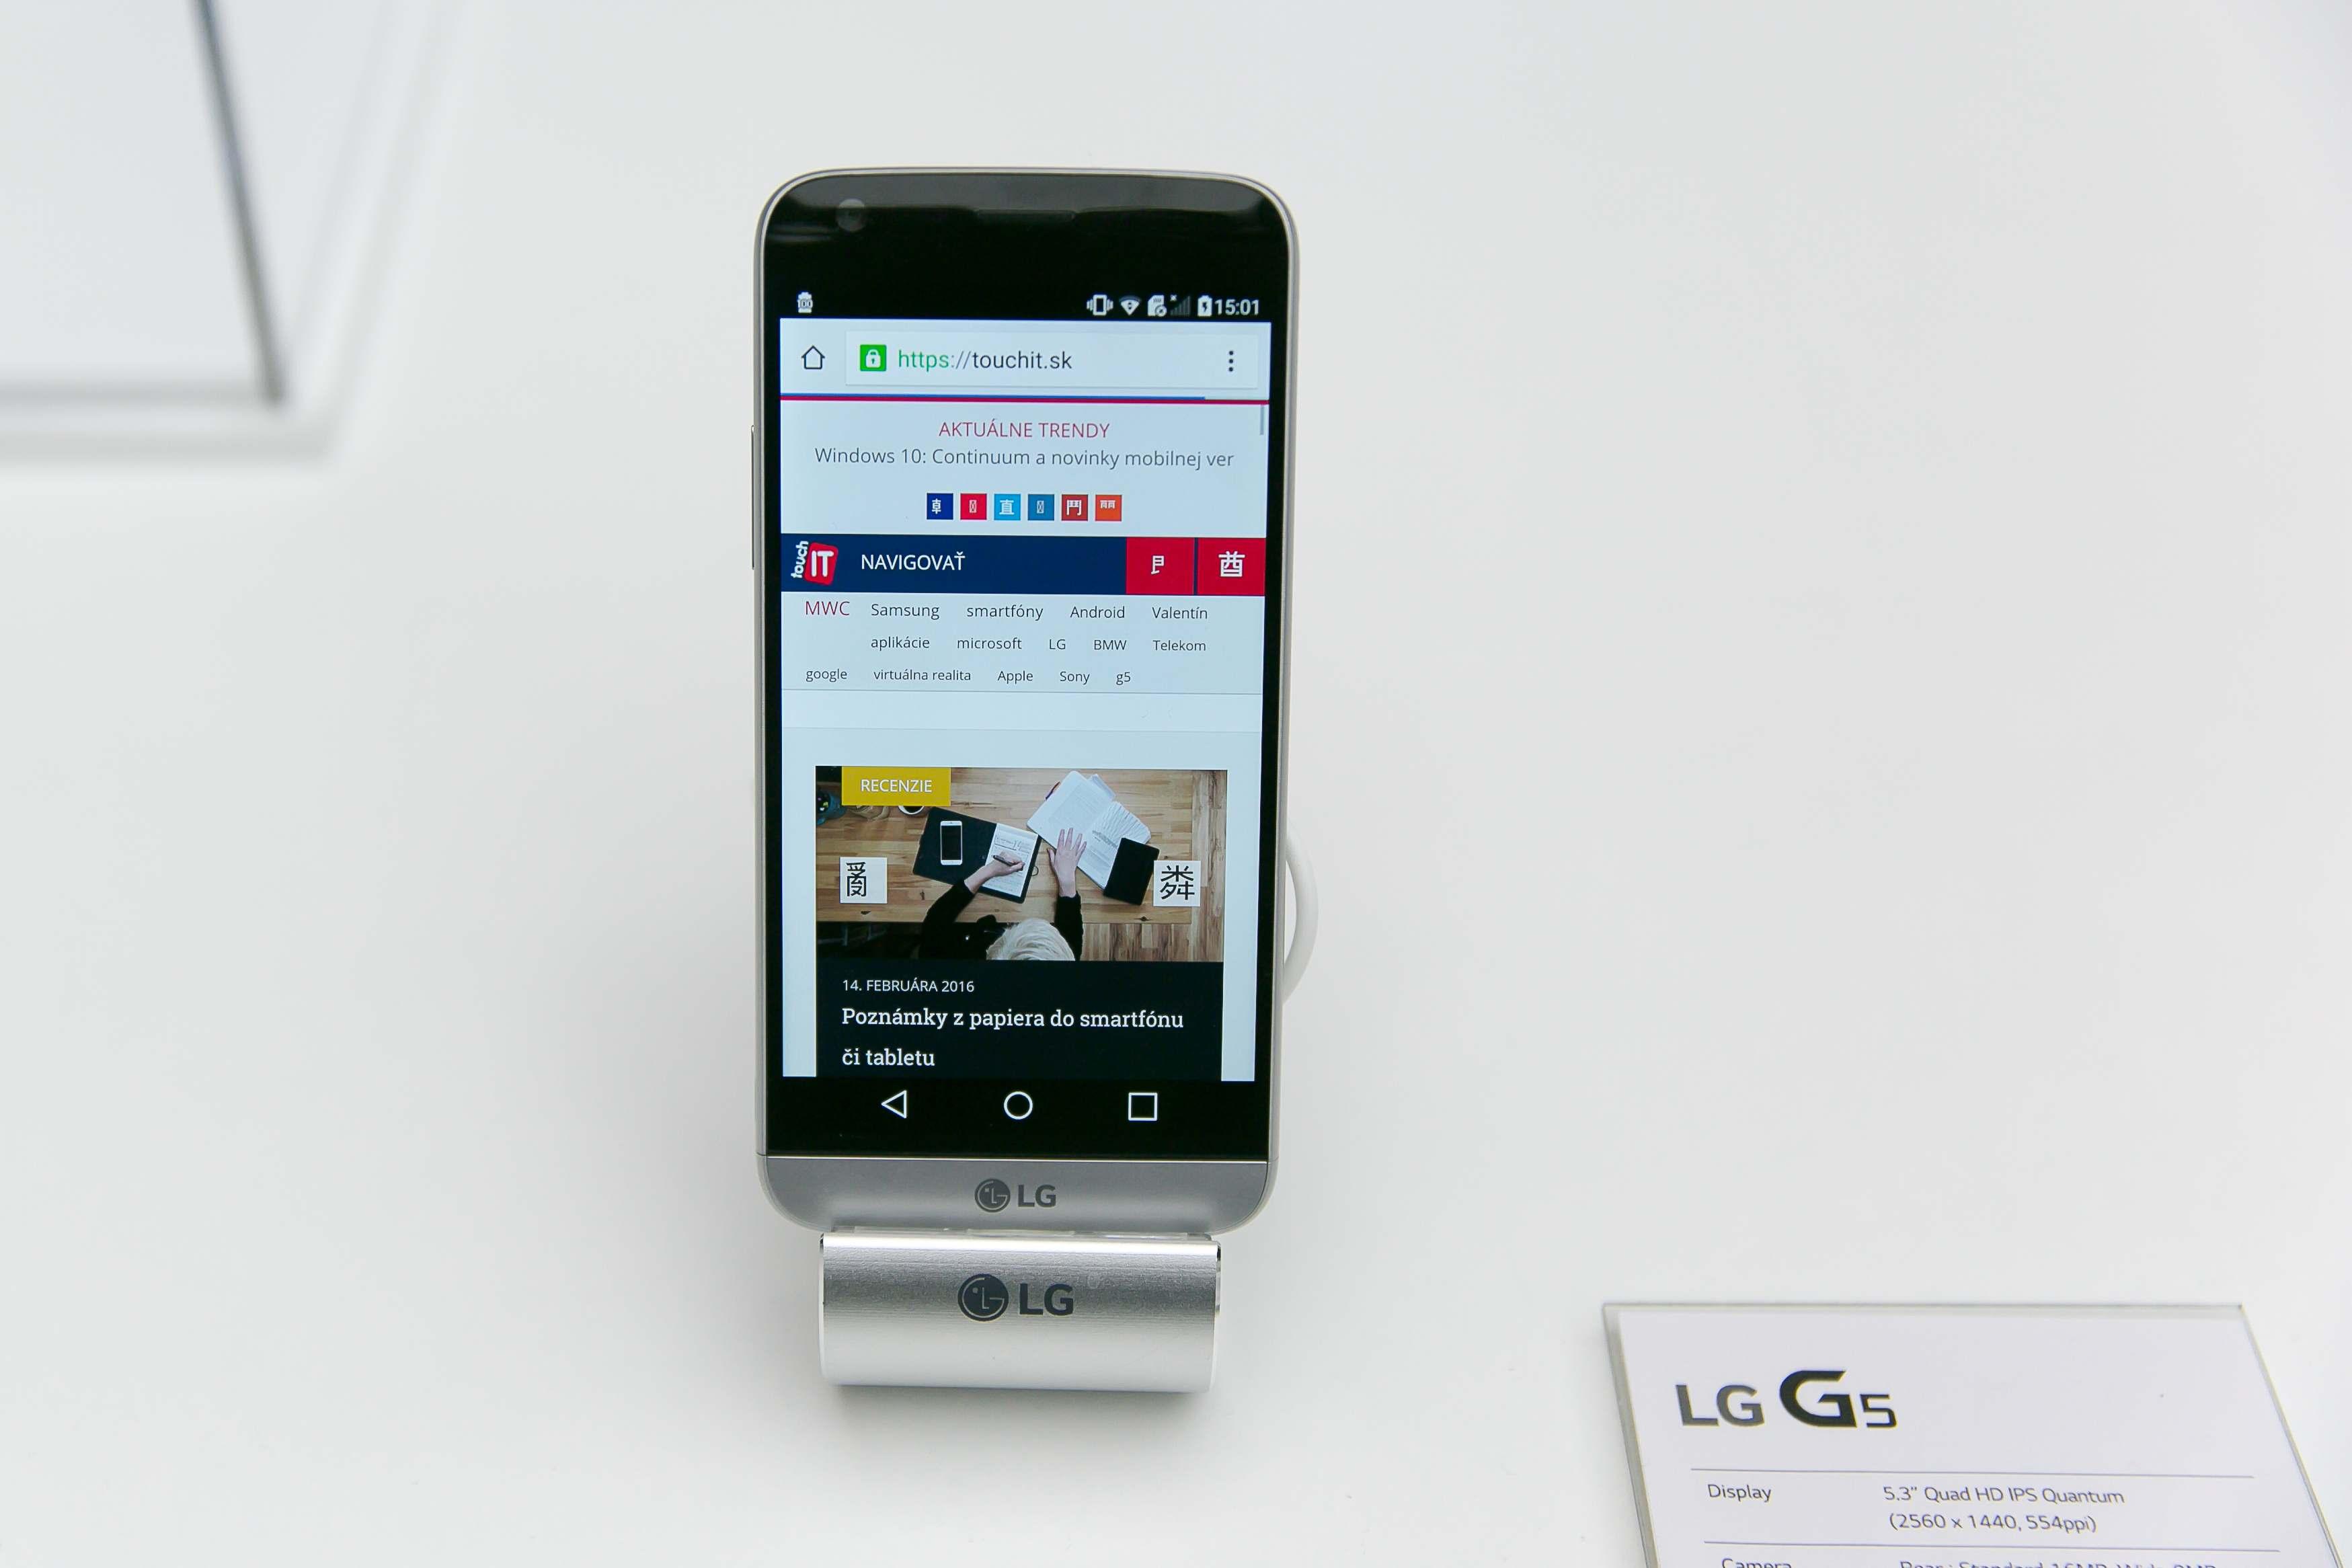 LG G5 je revolučné riešenie s možnosťou výmeny modulov. Zmeníte ho napr. na lepší fotoaparát alebo Hi-Fi prehrávač so slúchadlami